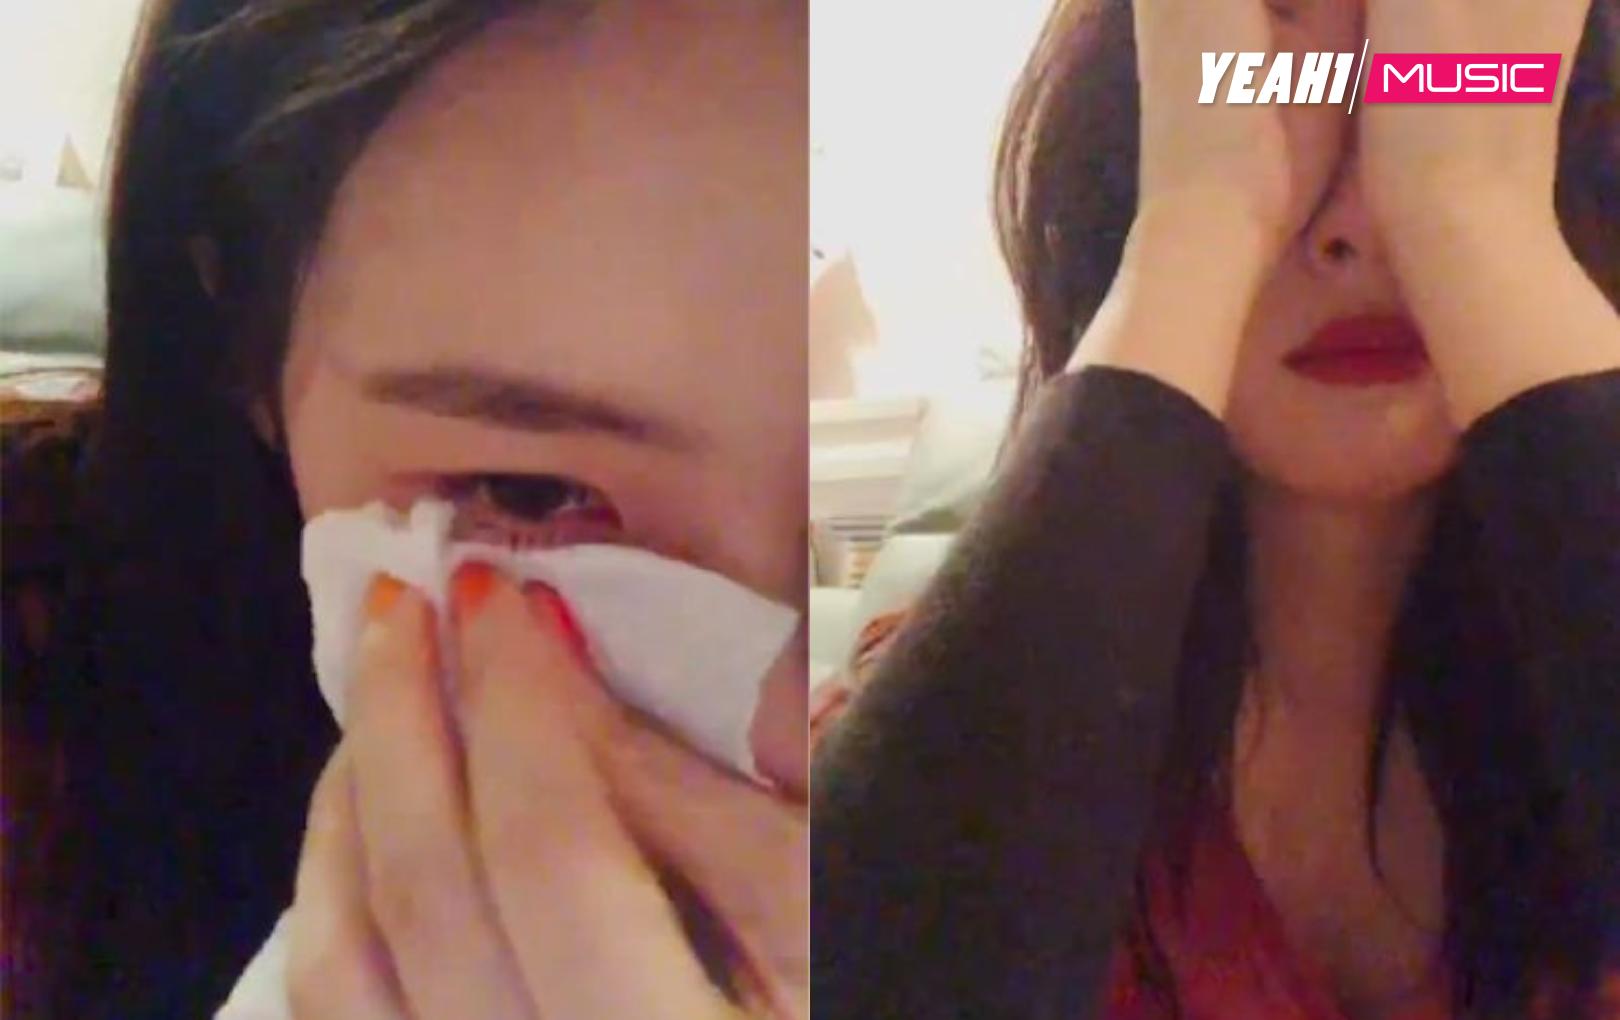 Khóc nức nở không rõ lý do khi đang livestream, Sunmi khiến fan phát sốt vì lo lắng